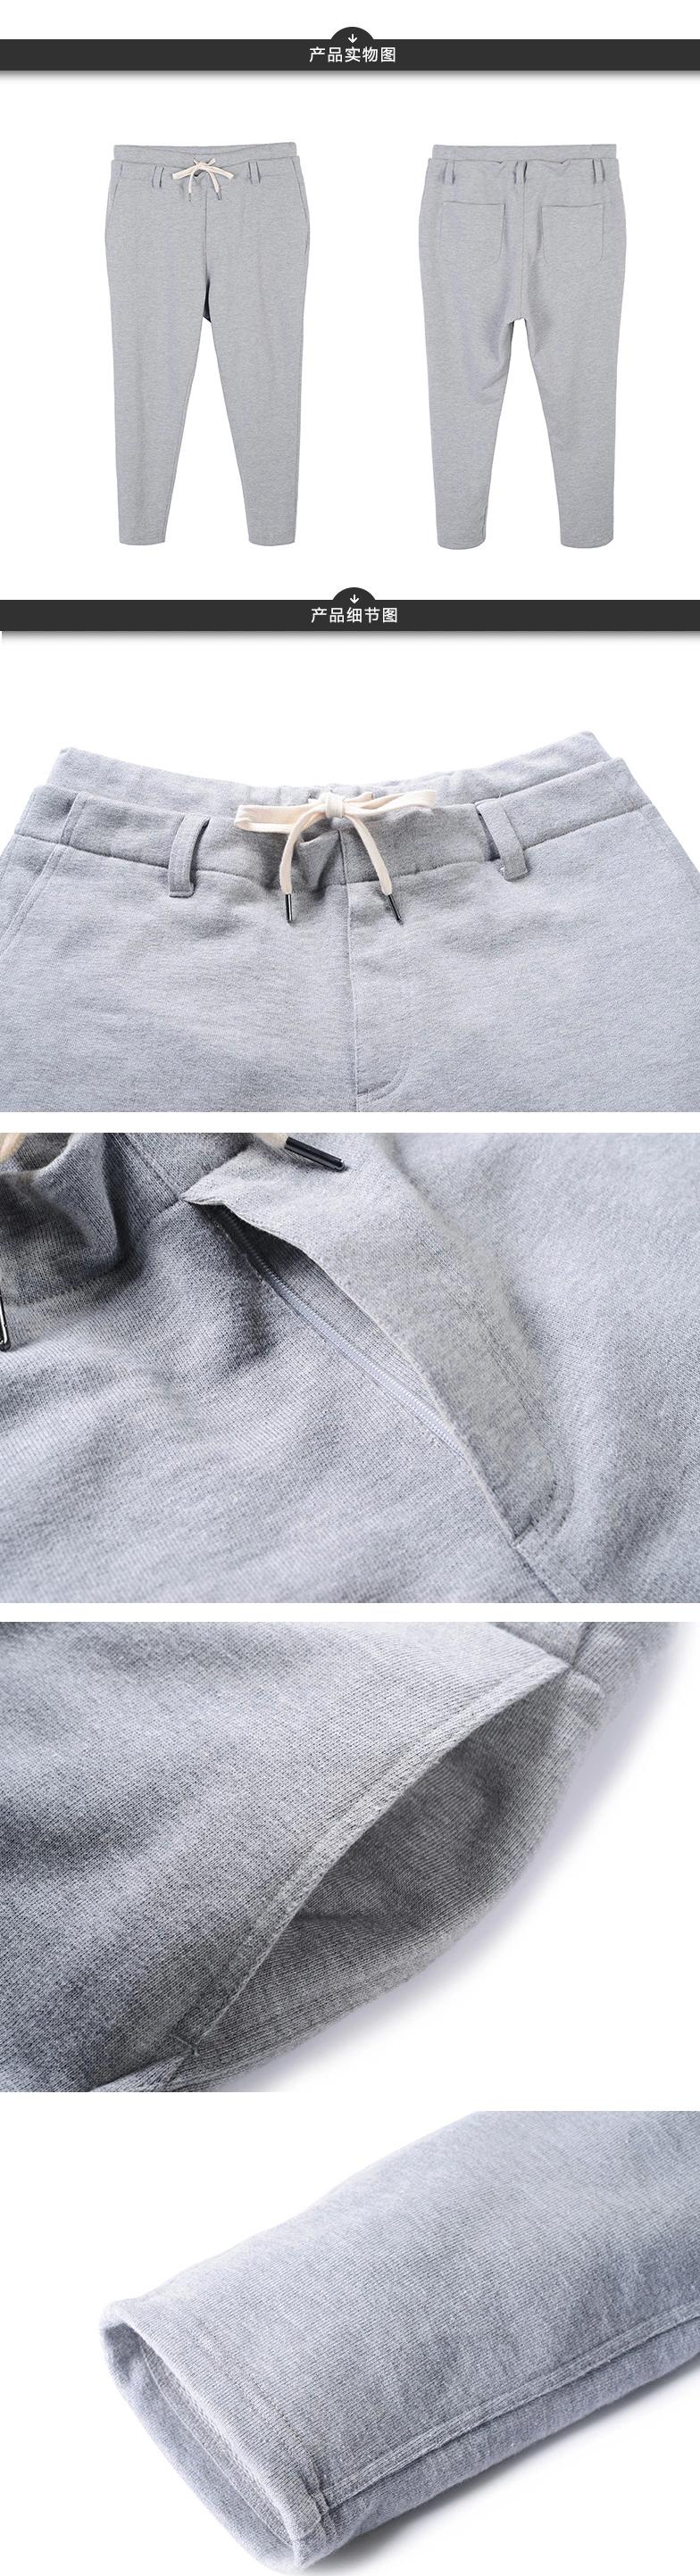 【2014年秋季新品】Onitsuka Tiger鬼冢虎男女运动休闲针织低腰长裤 OKP247